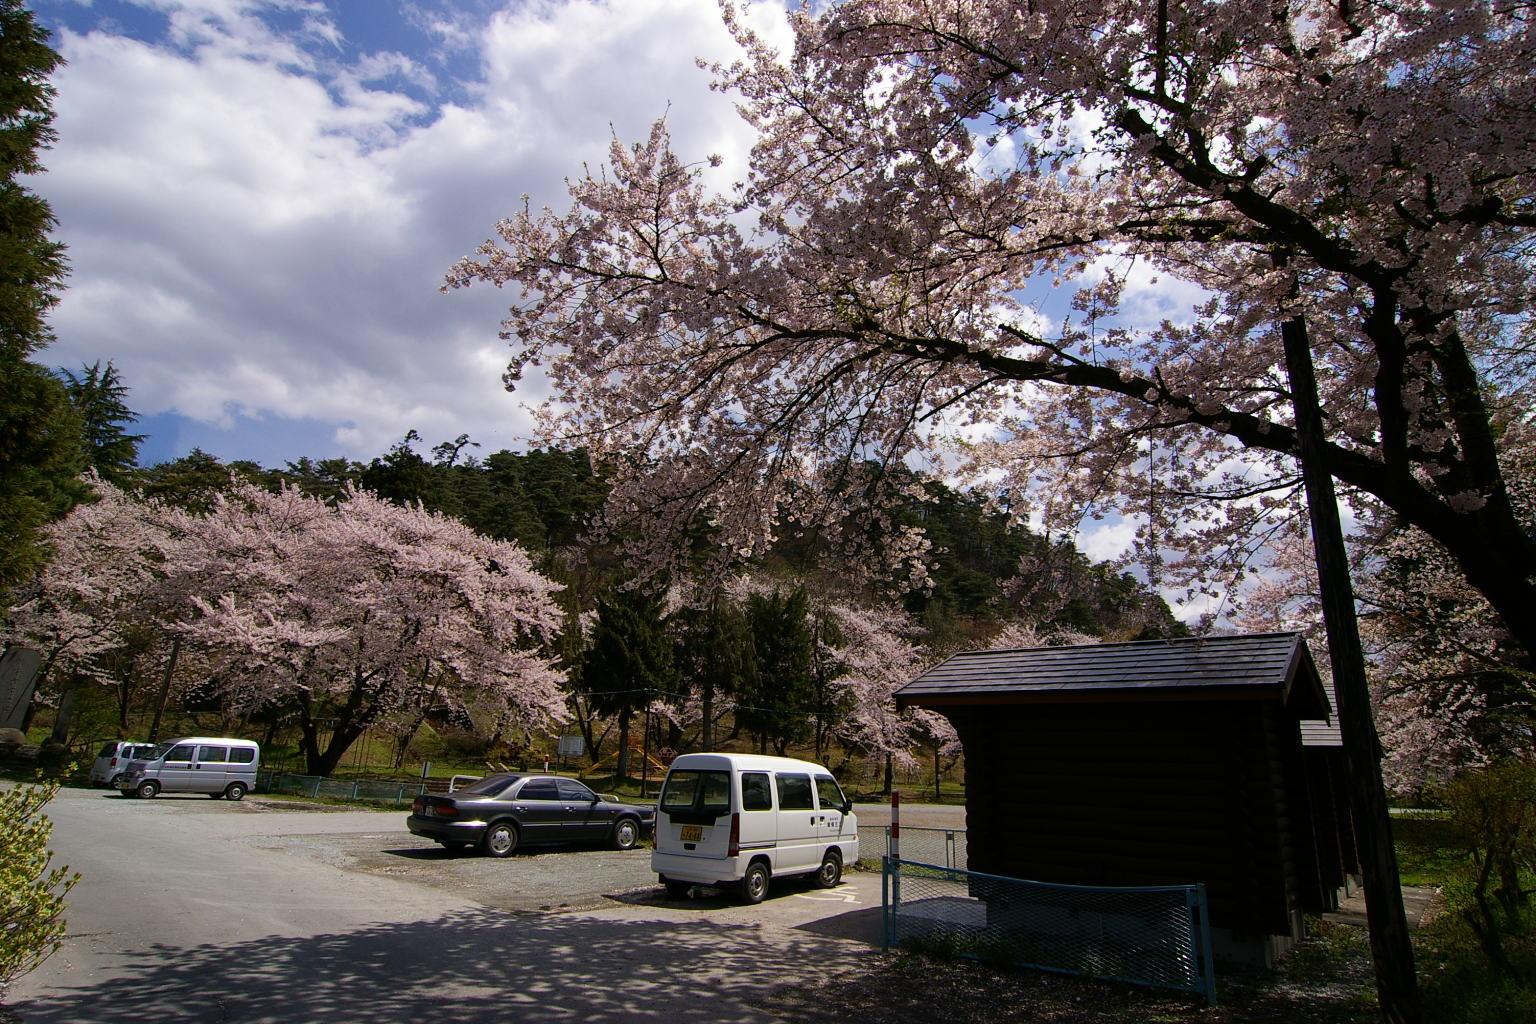 若木(おさなぎ)公園は、今が桜の真っ盛り